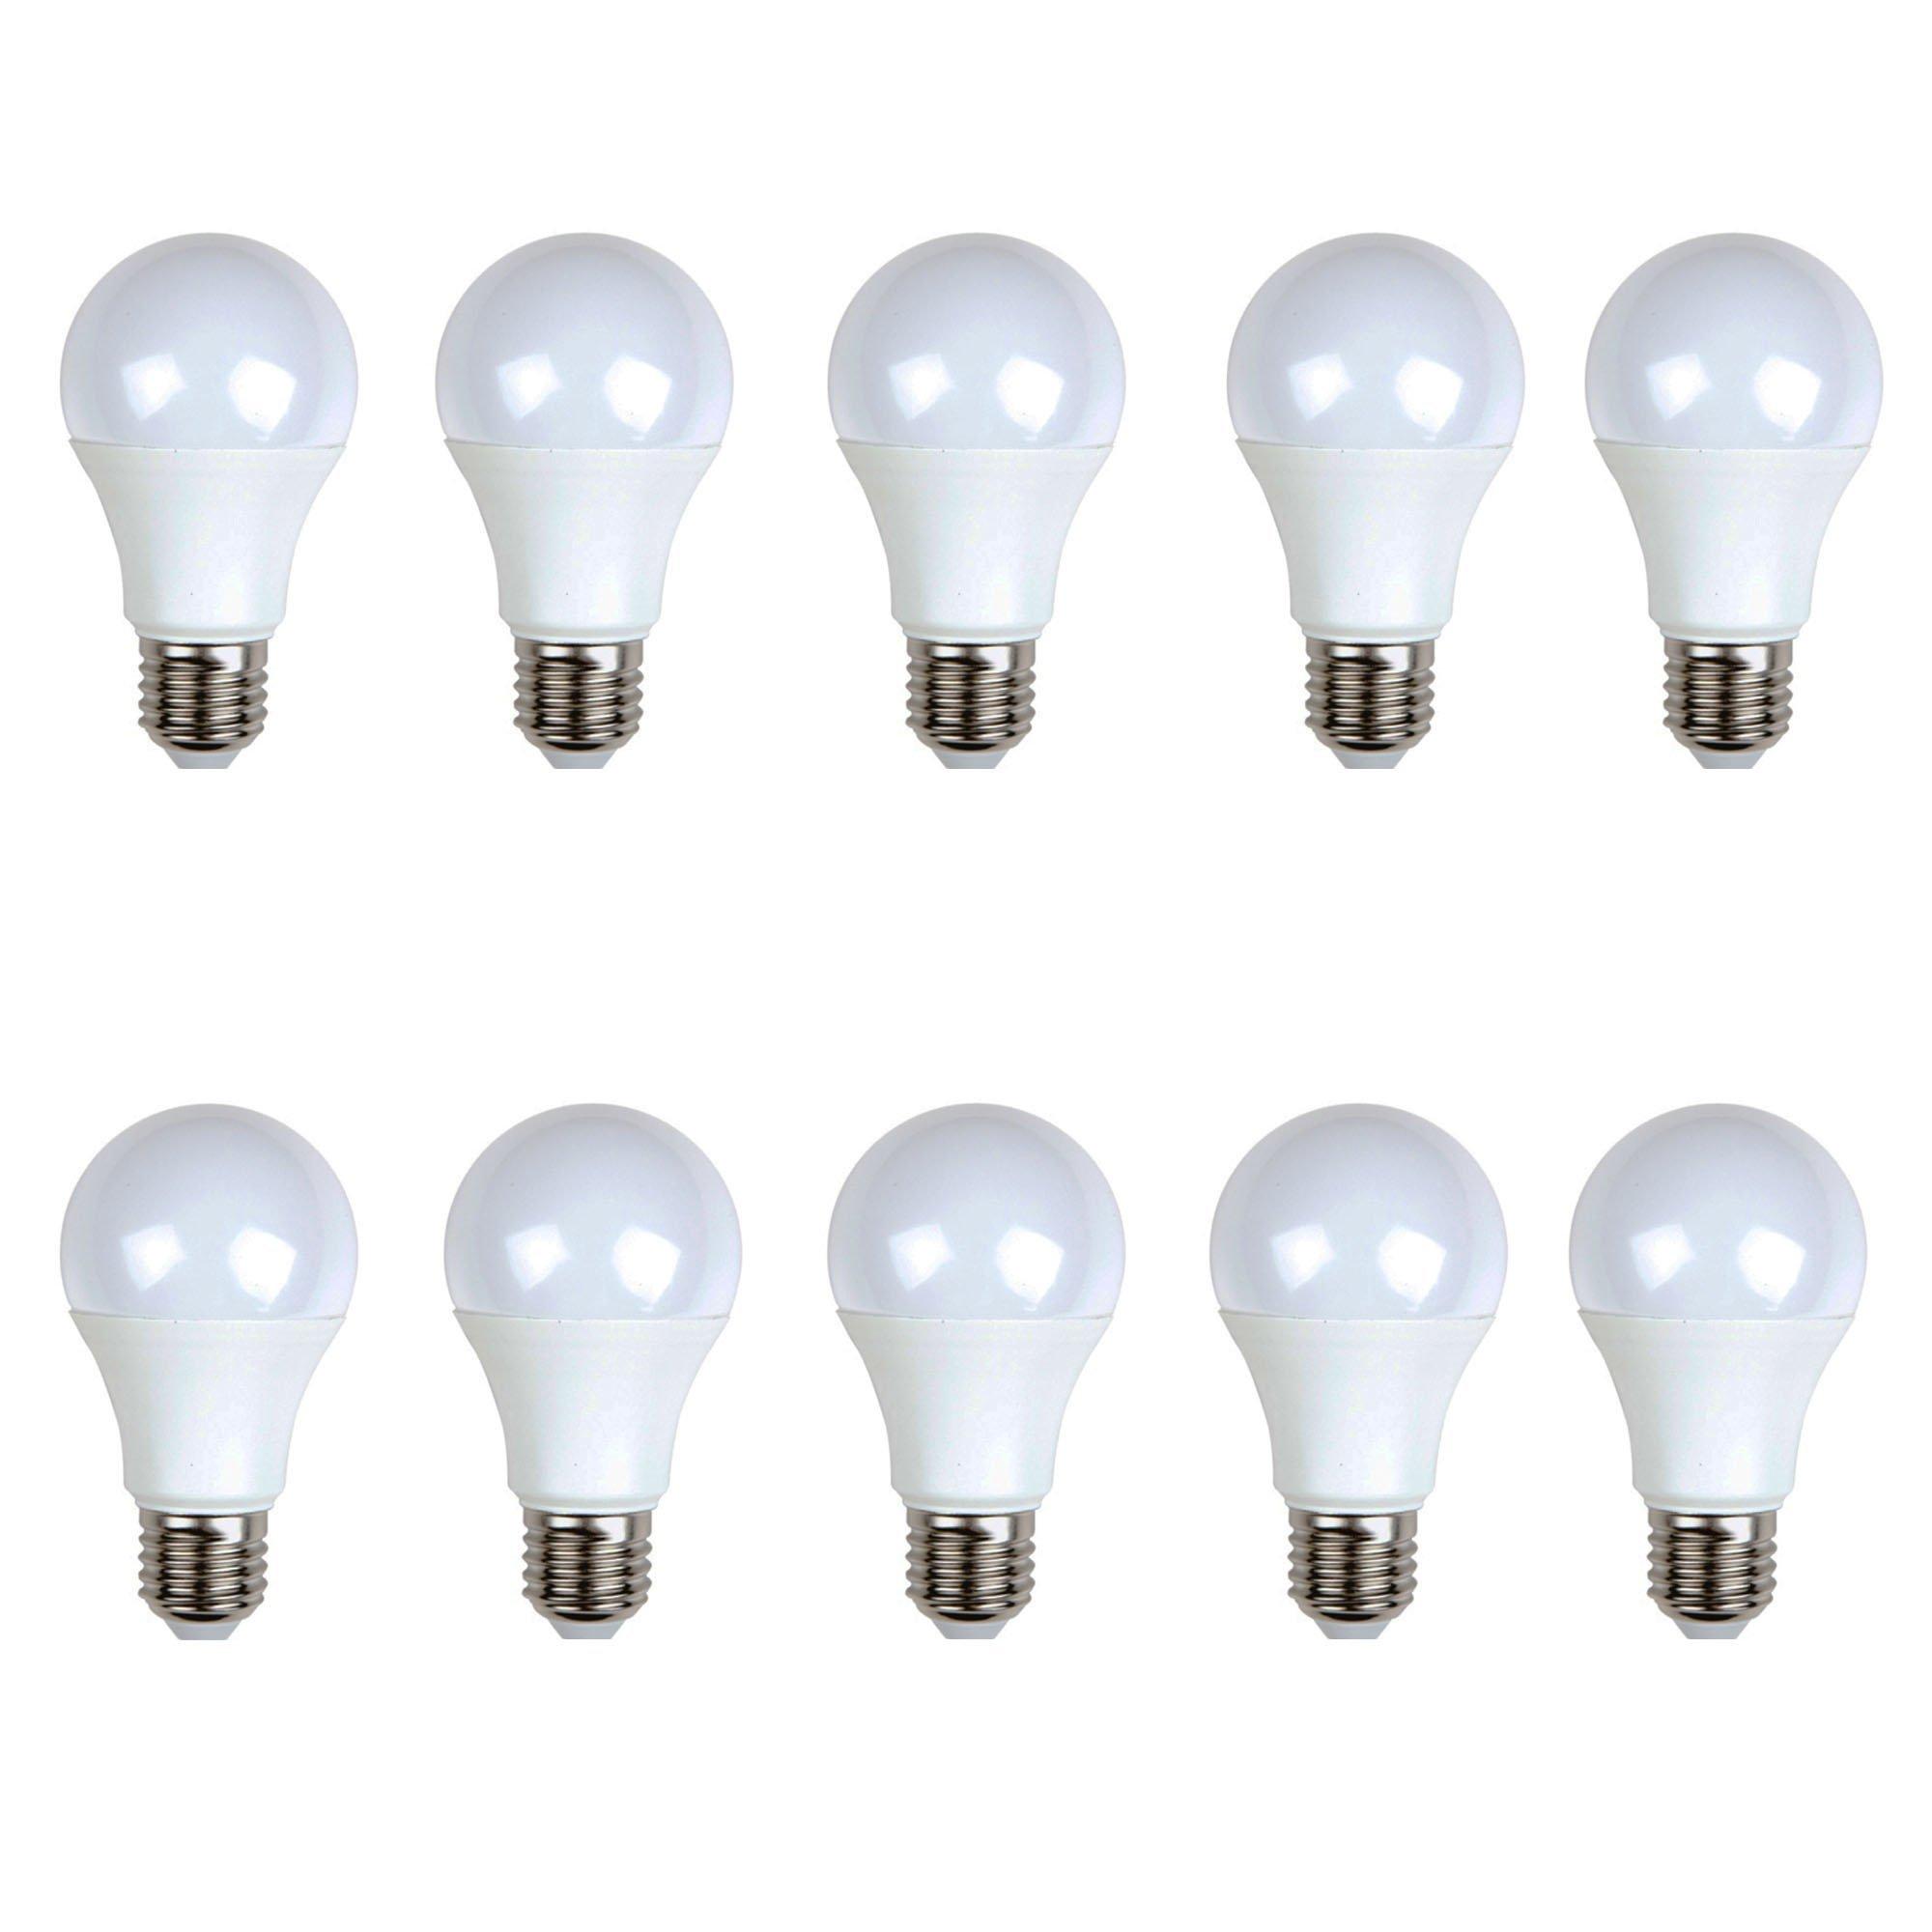 LED estándar (pack 10 unidades) 10W 200º Blanco cálido 3000K E27 805lm 220V-240v Alta calidad: Amazon.es: Iluminación